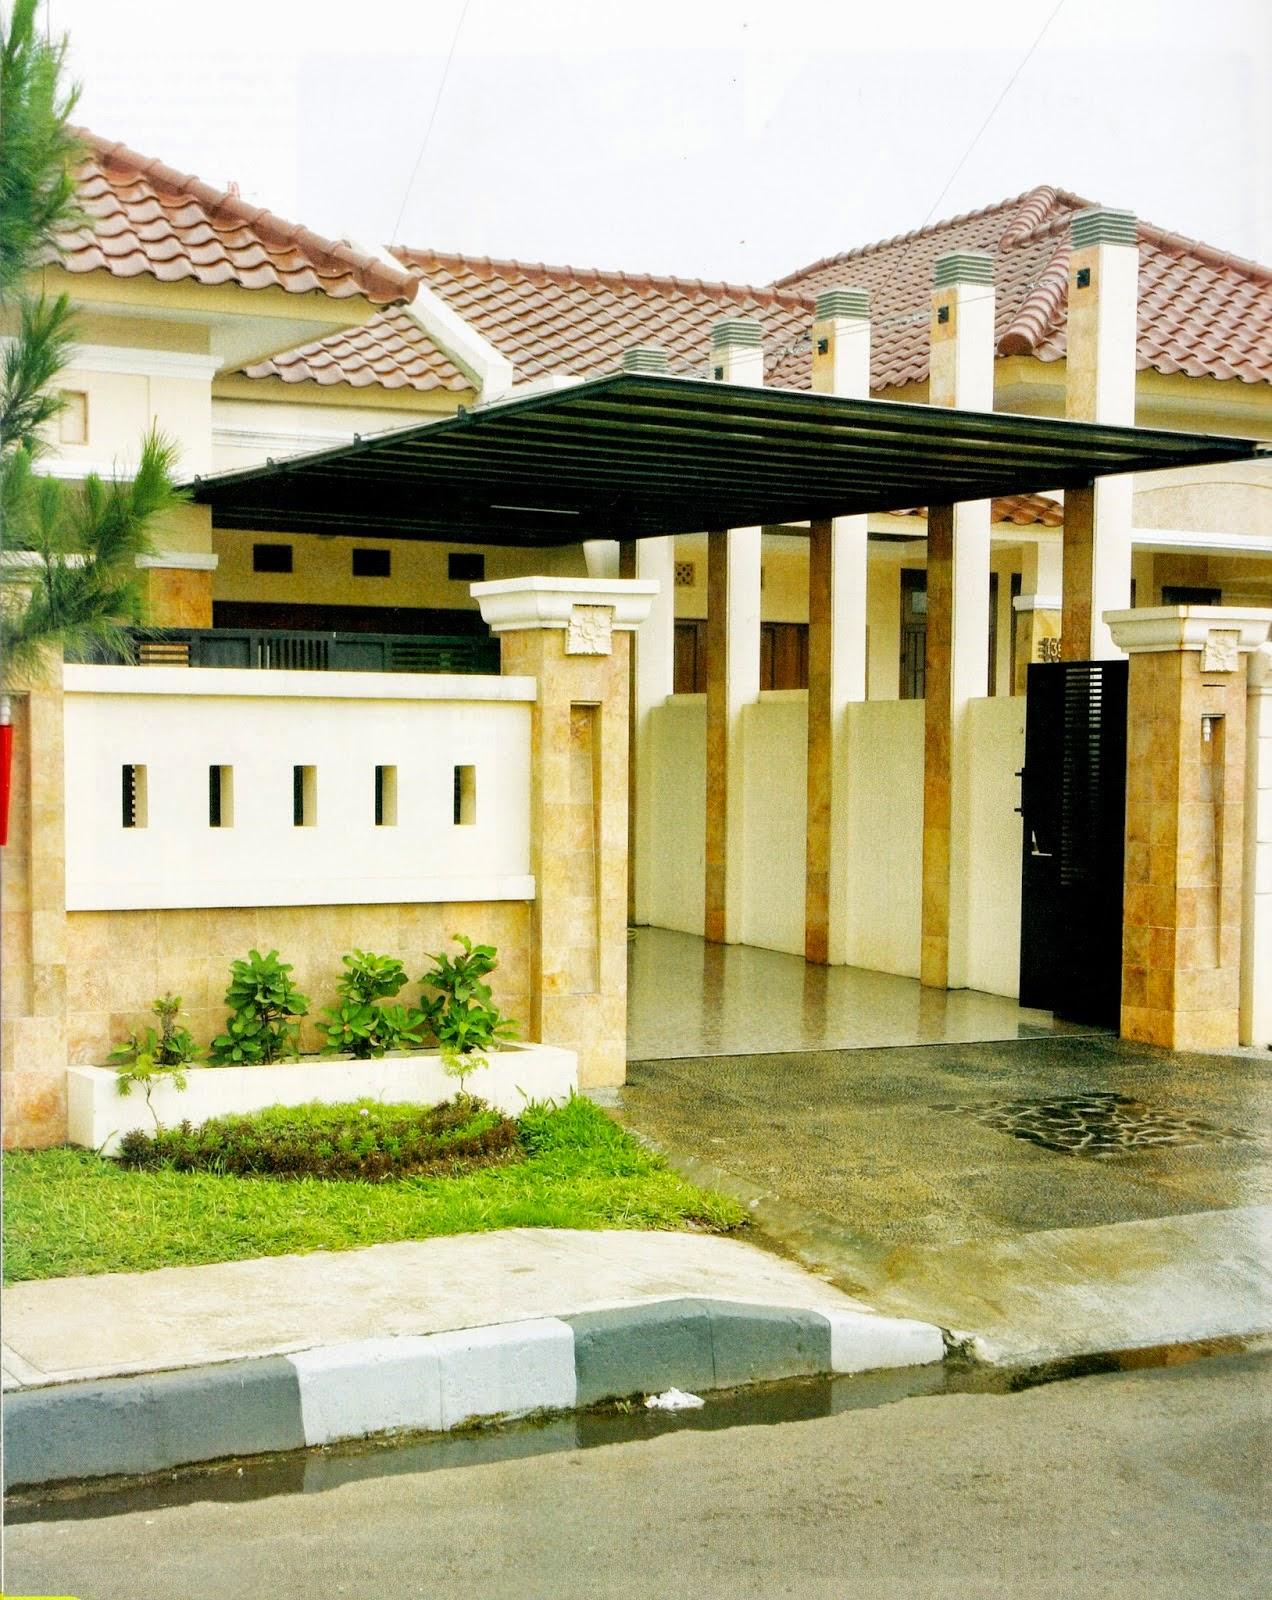 67 Desain  Rumah Minimalis  Dengan 2 Carport  Desain  Rumah